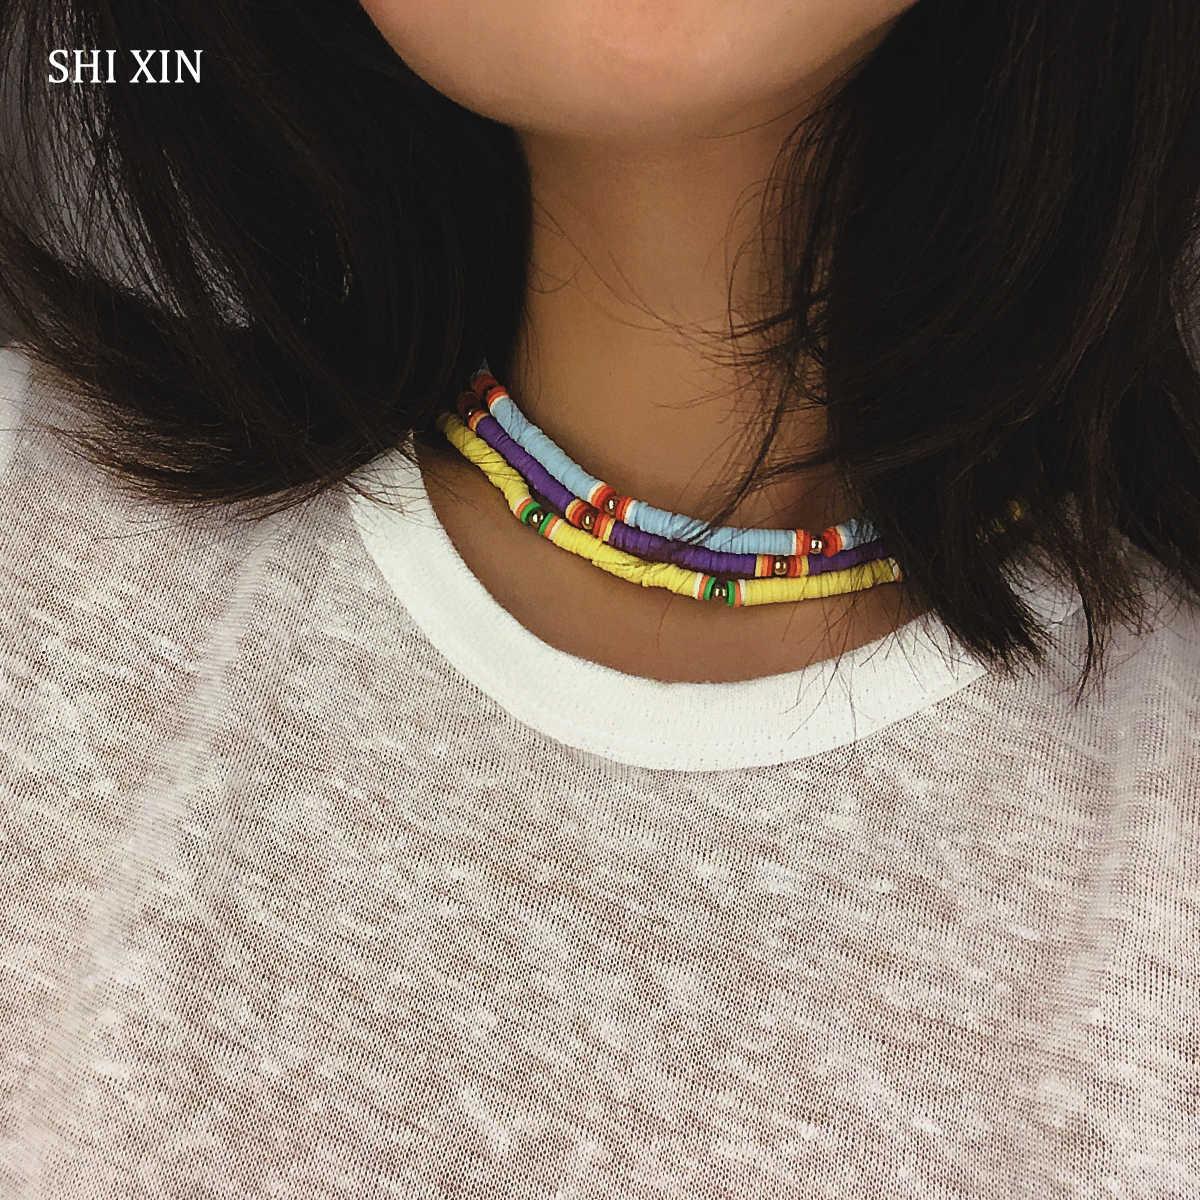 Shixin Boho Nhiều Màu Sắc Choker Vòng Đeo Cổ Cho Nữ Thời Trang Rainbow Vòng Cổ Hàn Quốc 2019 Dân Tộc Cổ Trang Trí Trên Cổ Collier